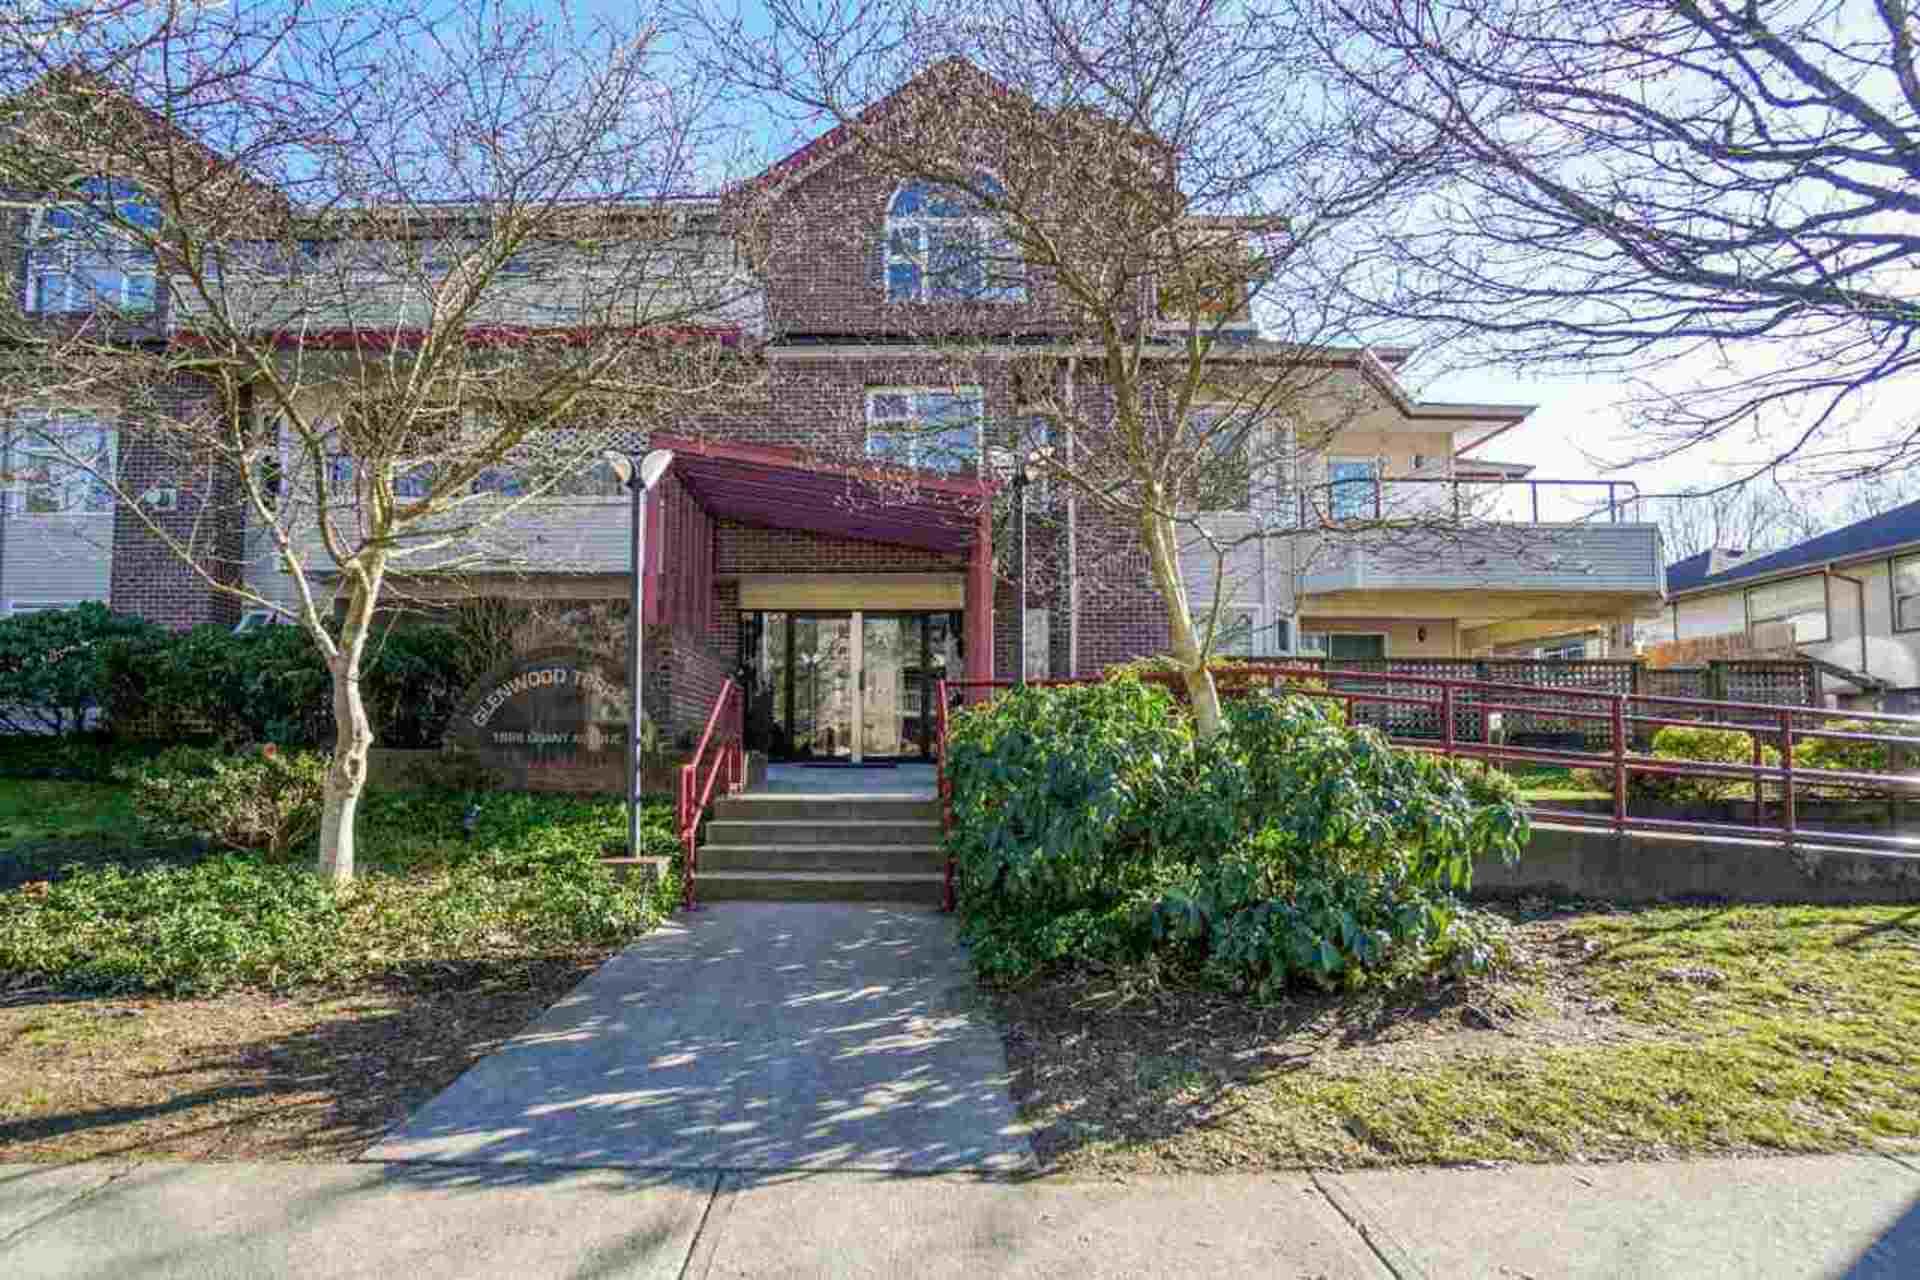 1668-grant-avenue-glenwood-pq-port-coquitlam-19 of 301 - 1668 Grant Avenue, Glenwood PQ, Port Coquitlam